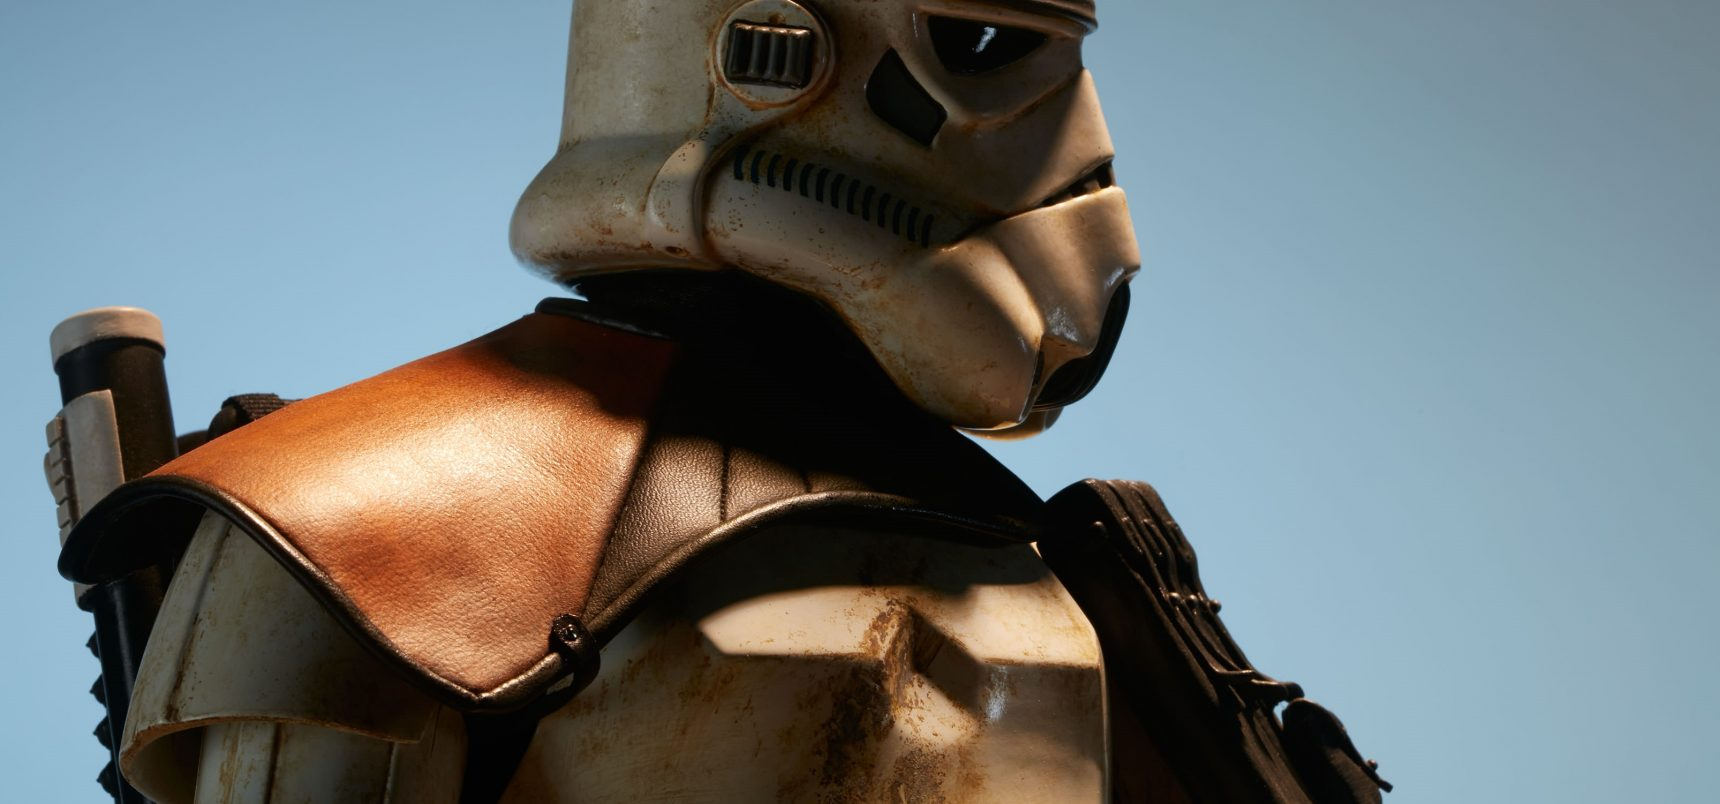 Sideshow Sandtrooper Premium Format Statue nun endlich zur Pre-Order frei!